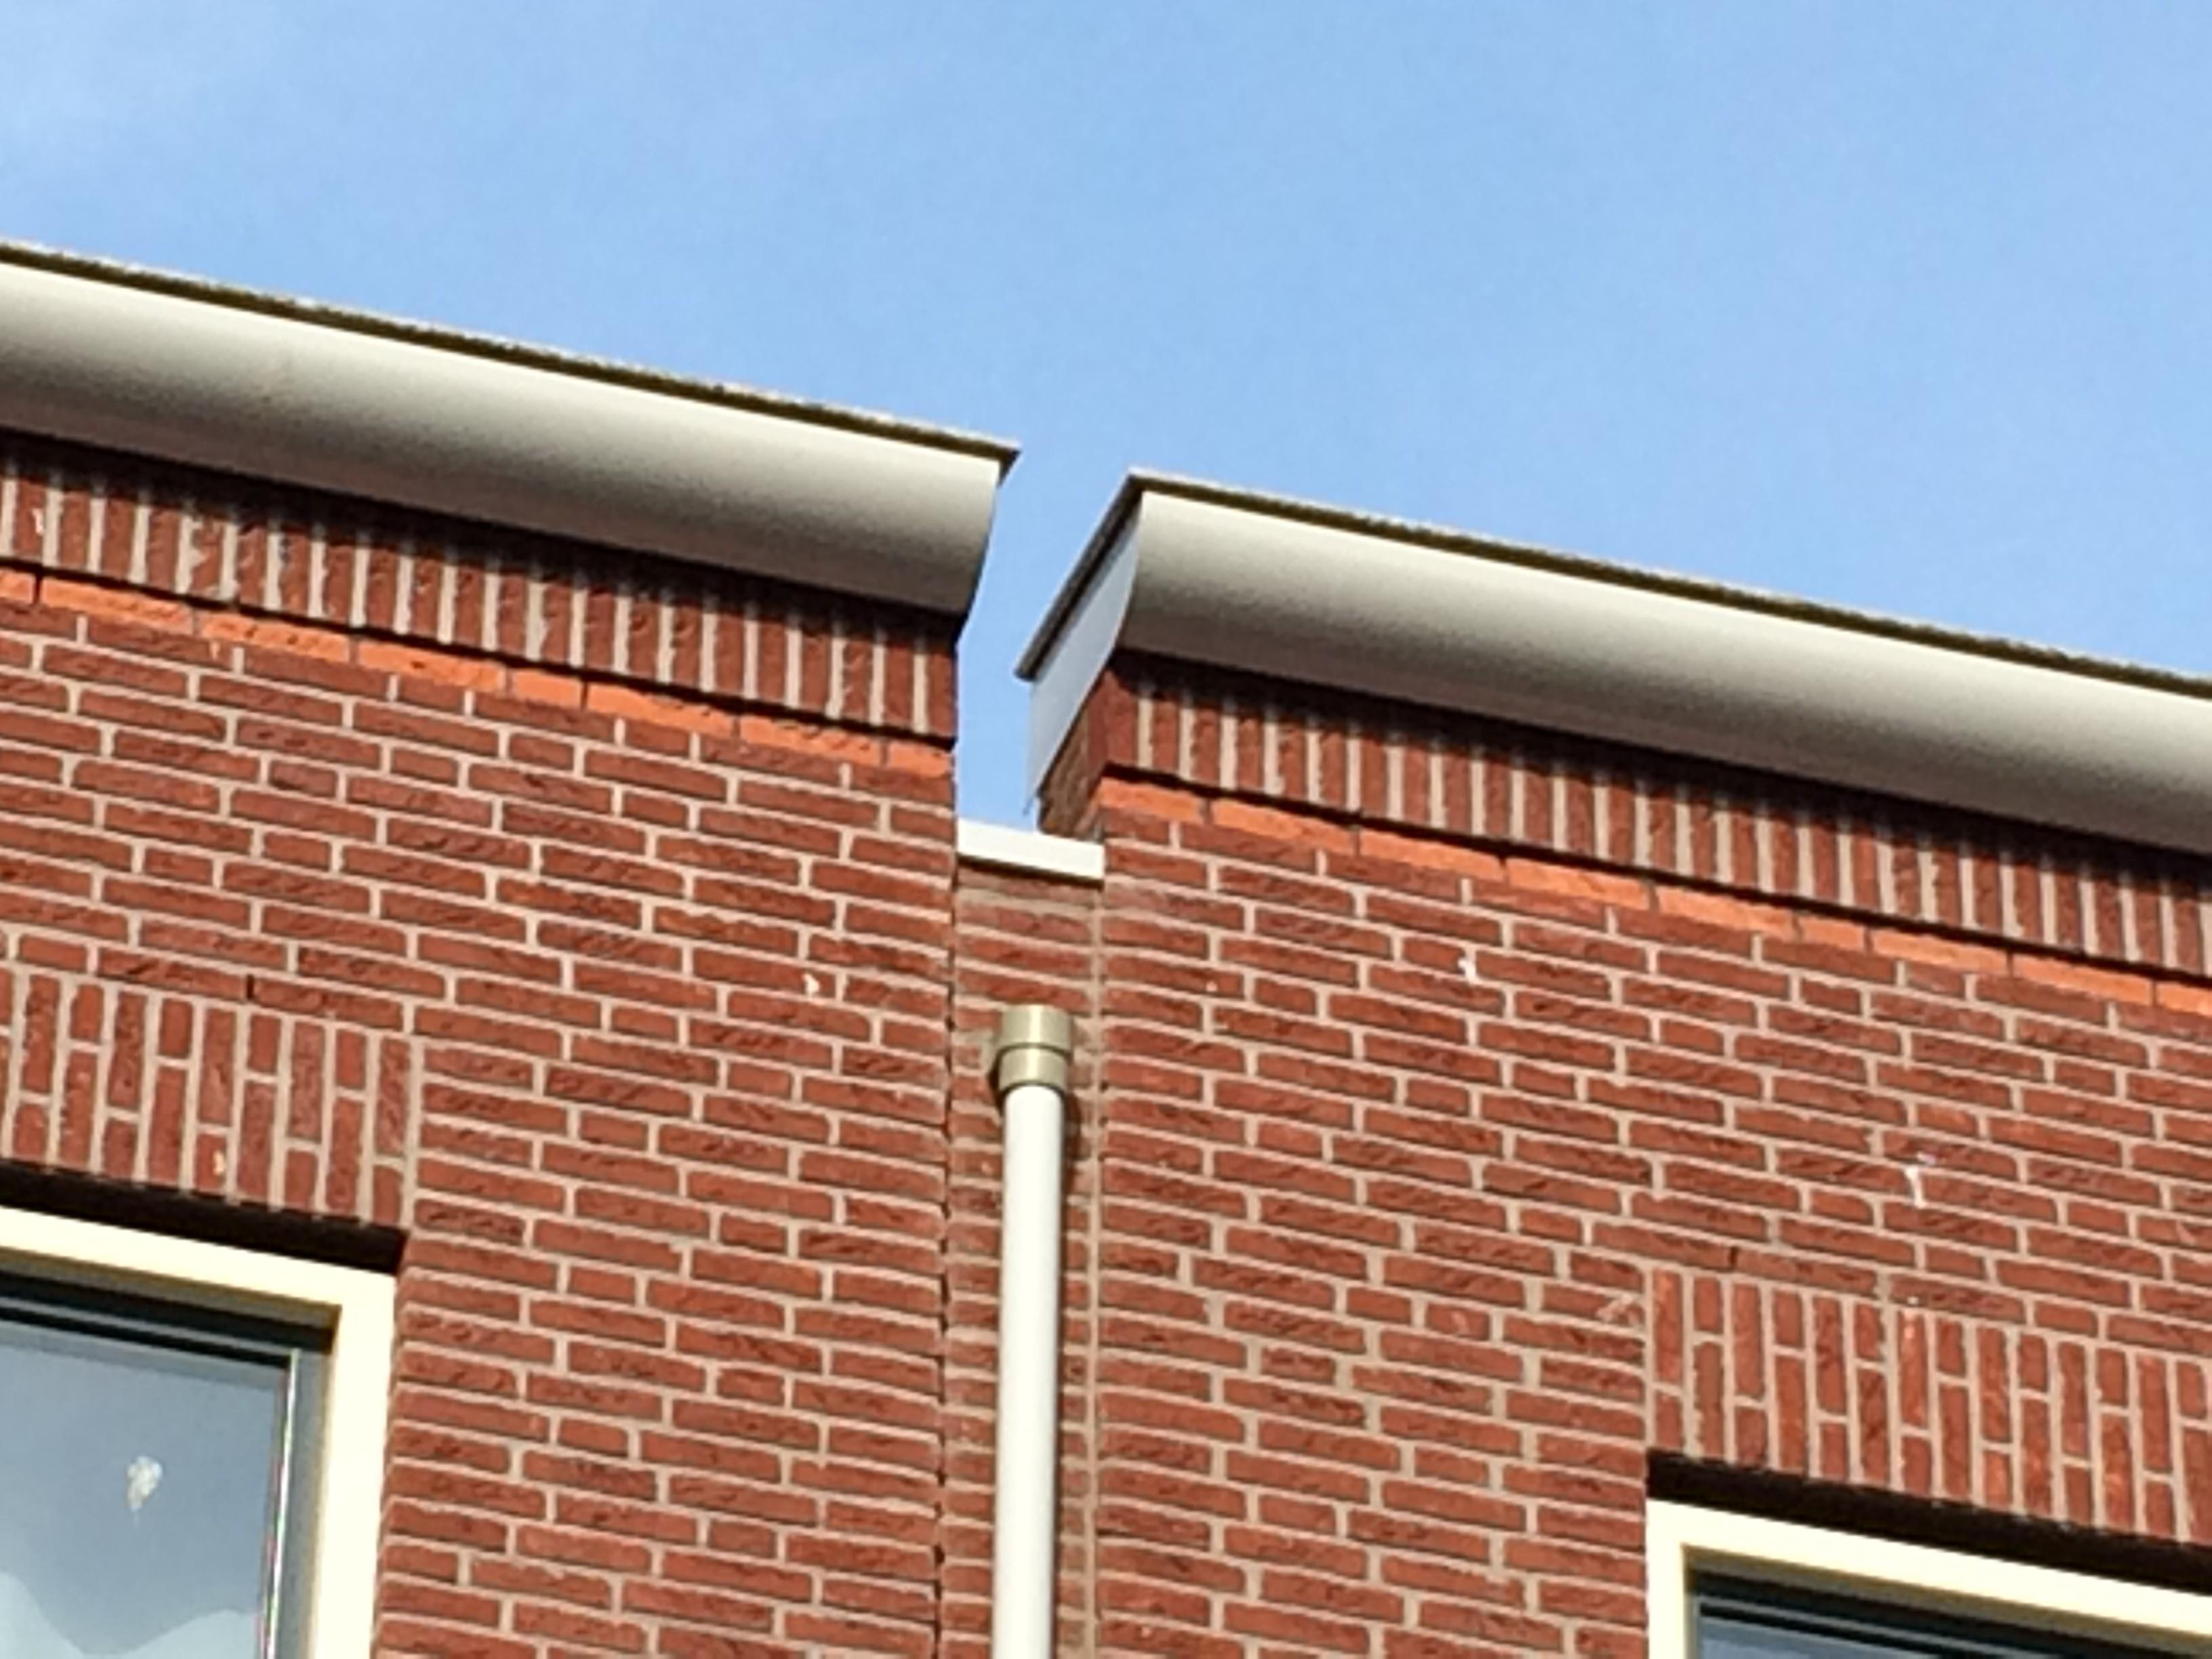 BKT_Havensteder_BAM_wattierstraat_Rotterdam_nieuwbouw_herenhuizen_Delfshaven_Lean_herstructurering_05.jpg